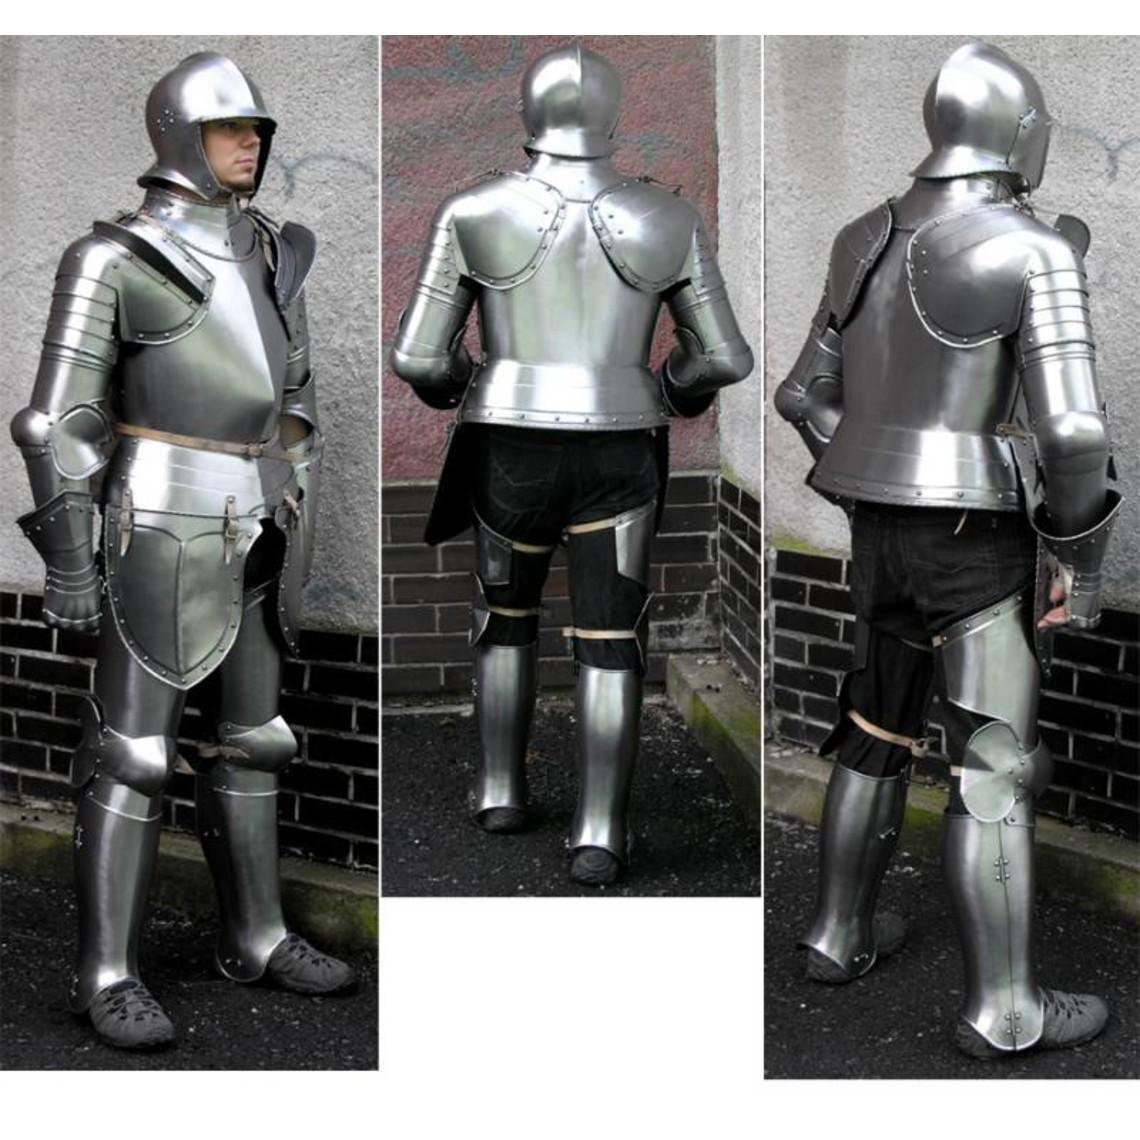 Ende des 16. Jahrhunderts deutsche Rüstung